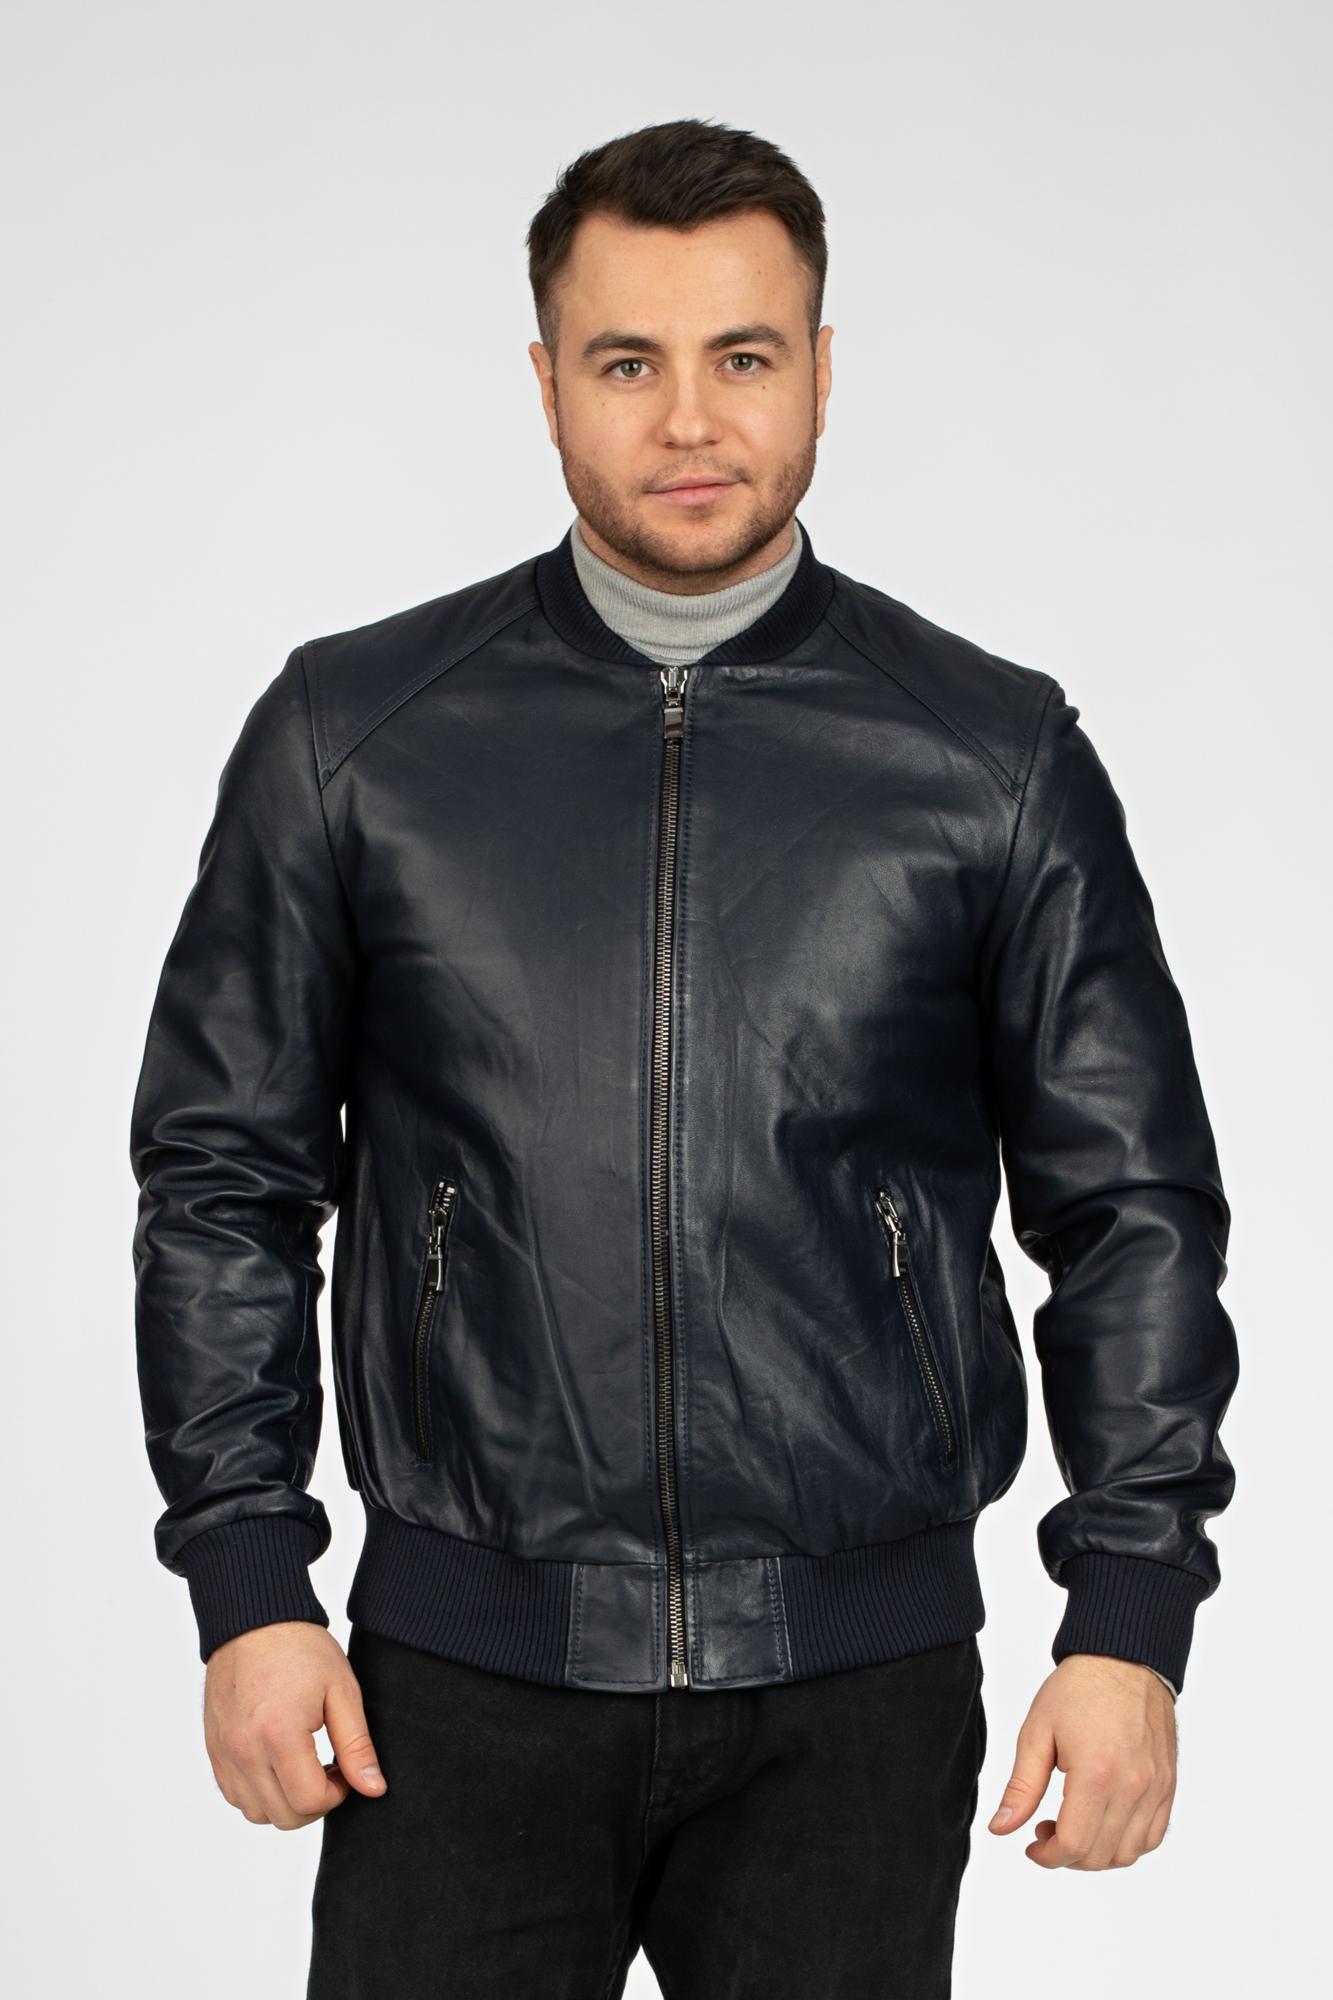 Мужская кожаная куртка из натуральной кожи с воротником